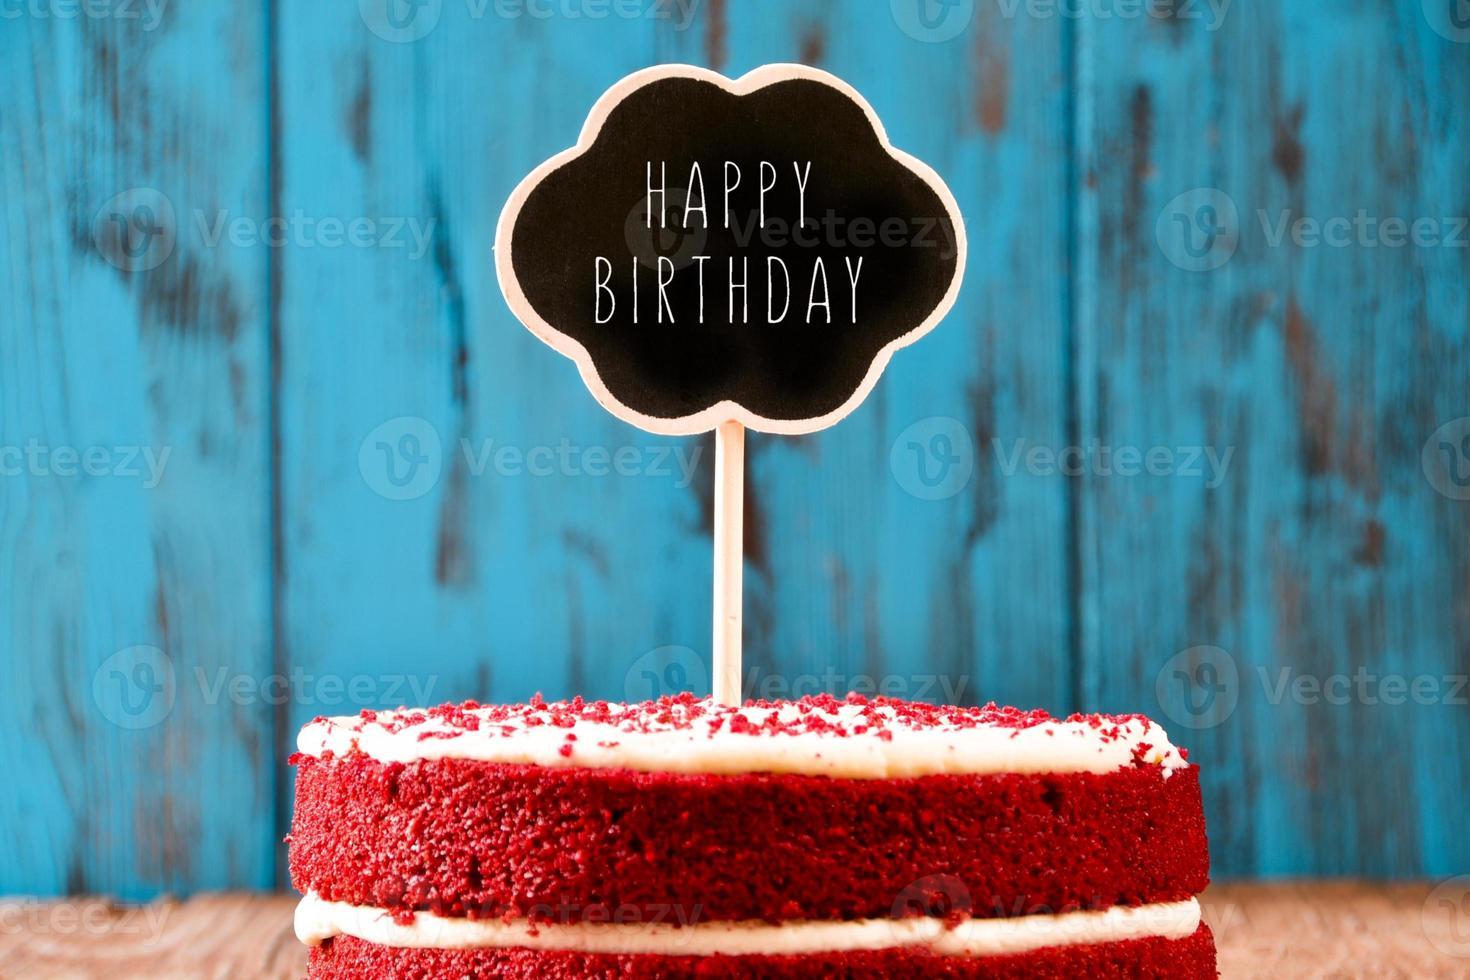 Tafel mit dem Text alles Gute zum Geburtstag in einem Kuchen foto